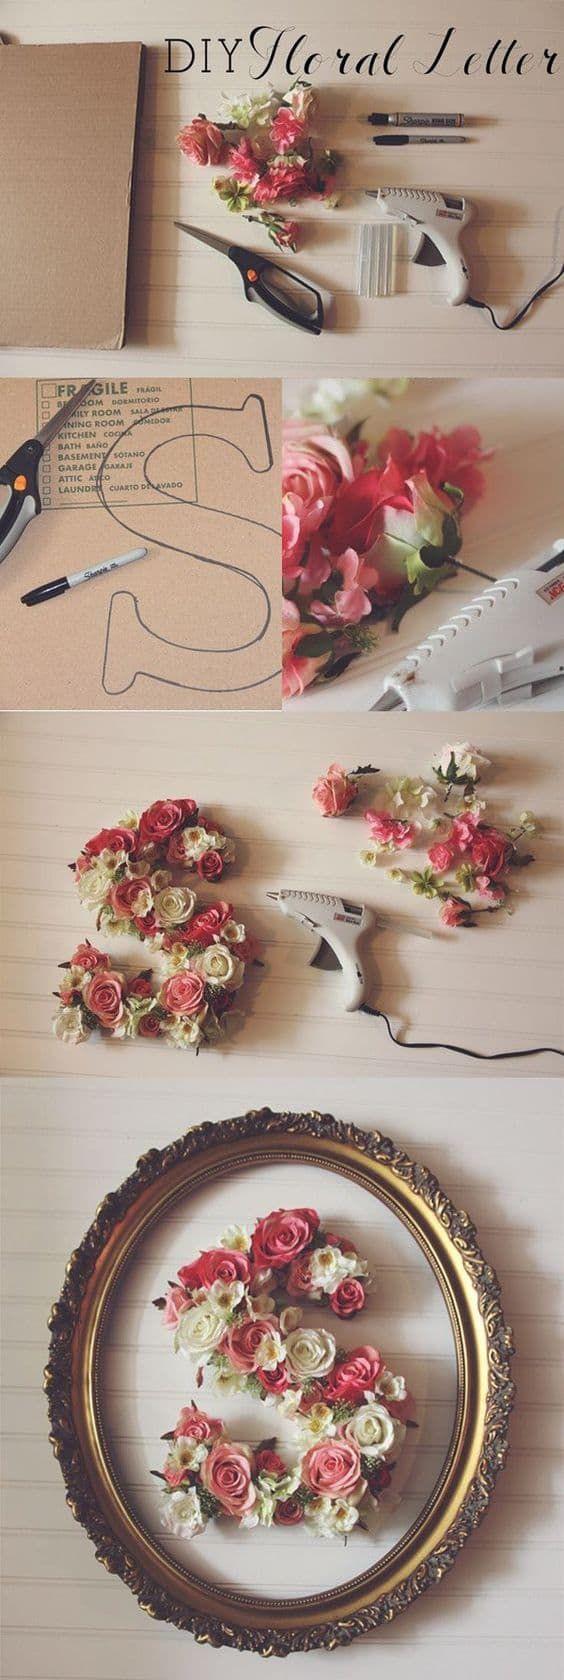 Floral letters diy wall art easy video instructions crafts decoracion bebe bricolaje y - Bricolaje y decoracion ...